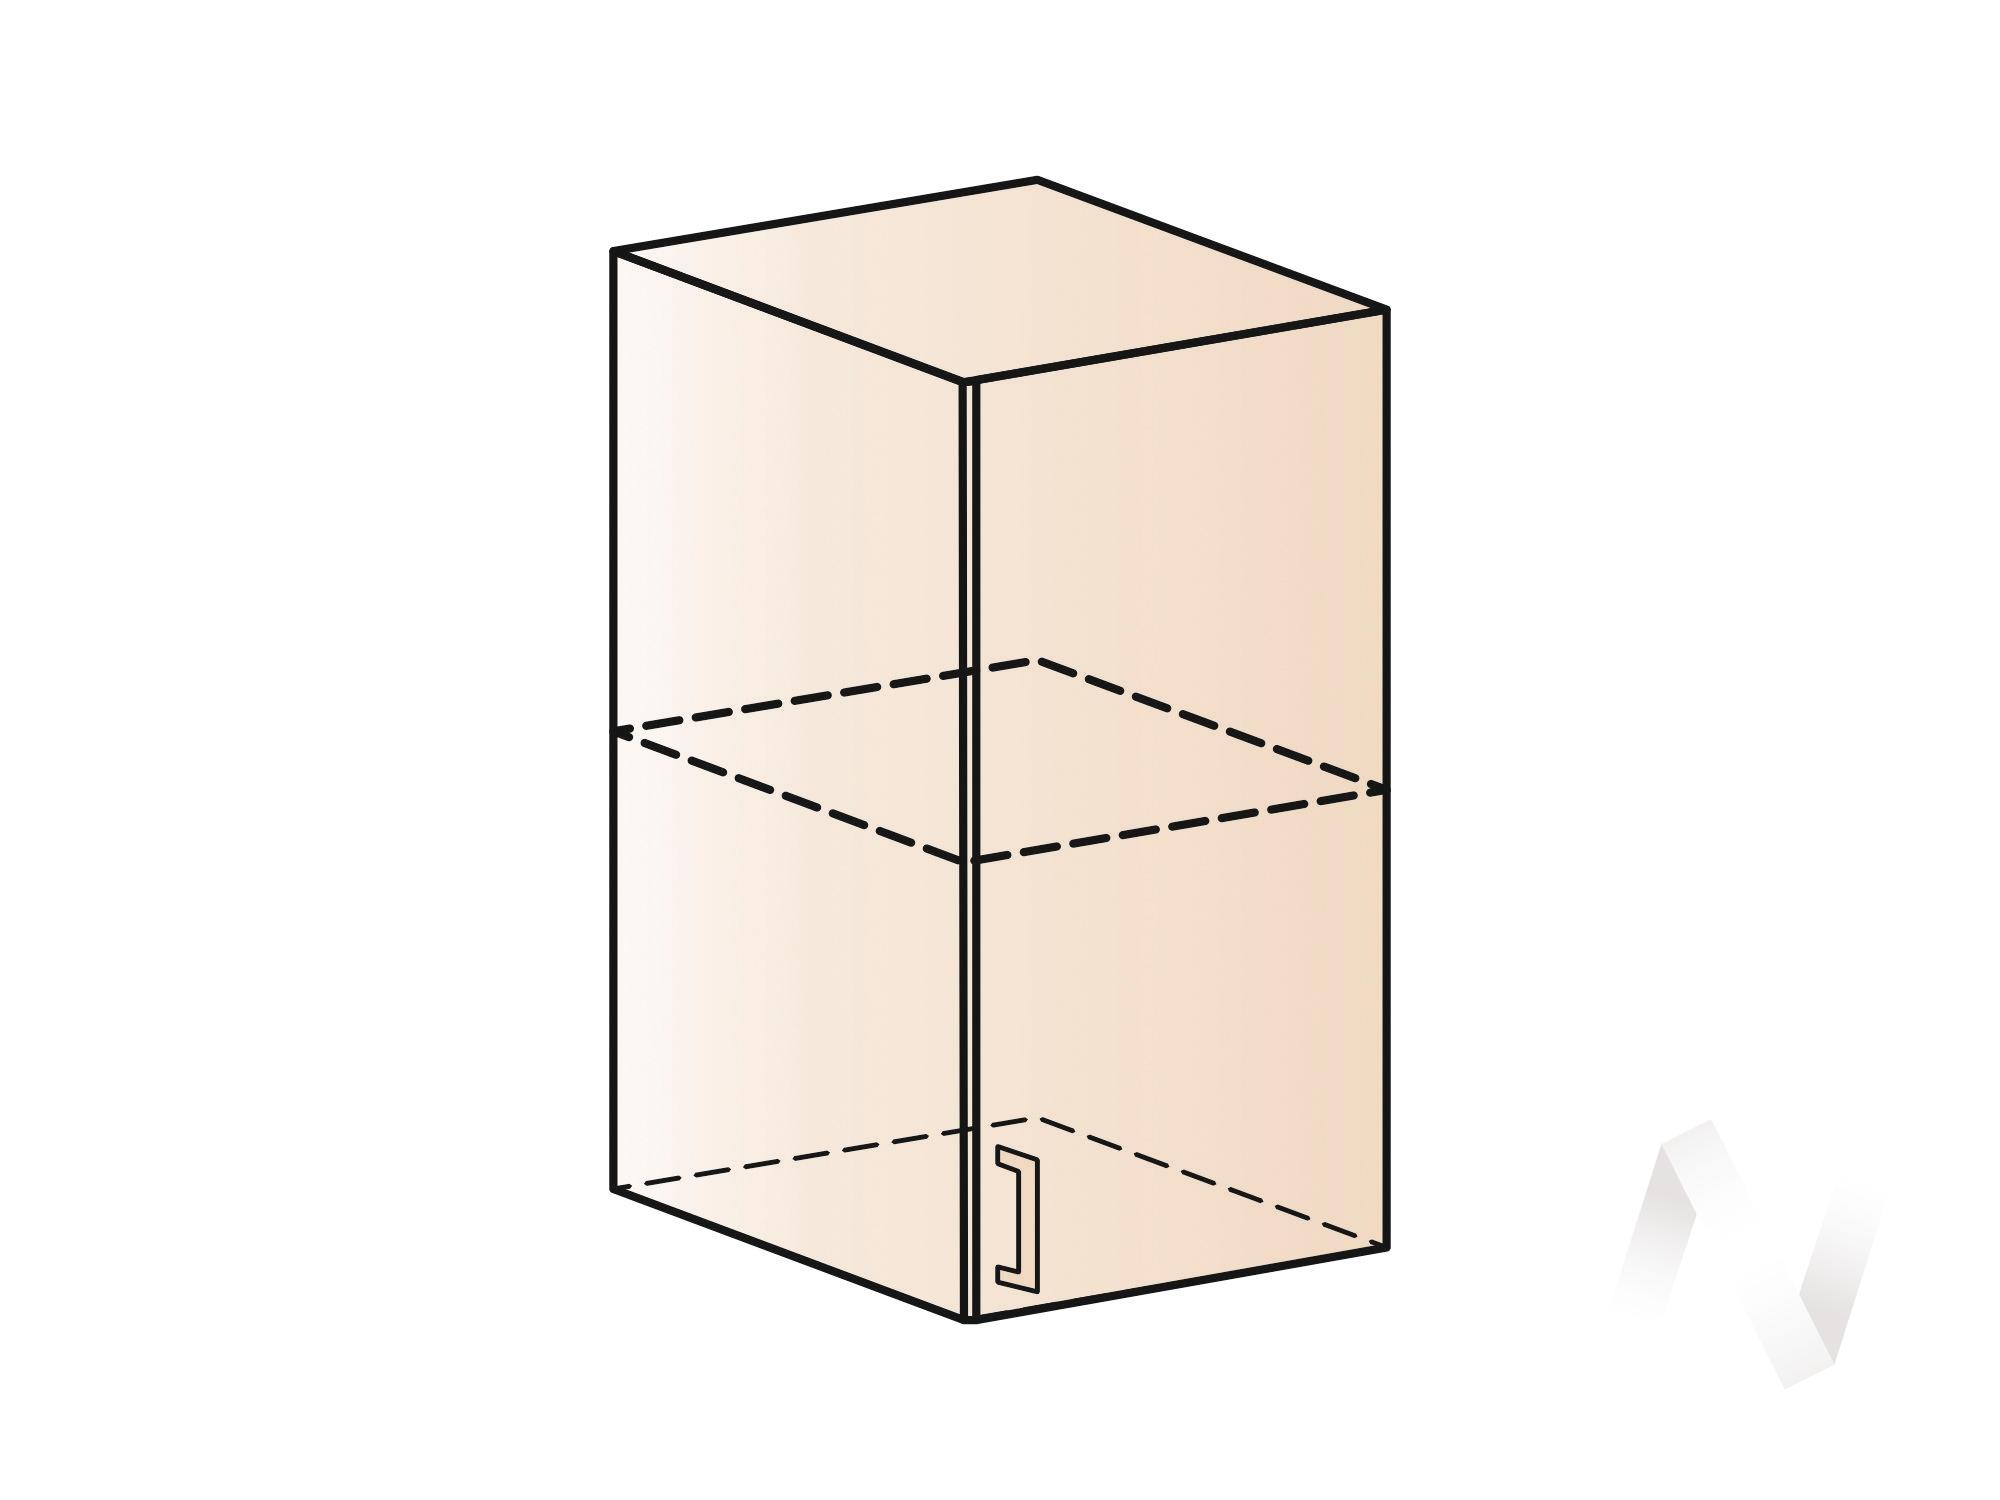 """Кухня """"Терра"""": Шкаф верхний левый 400, ШВ 400 (ваниль софт/ель карпатская/корпус титан)"""